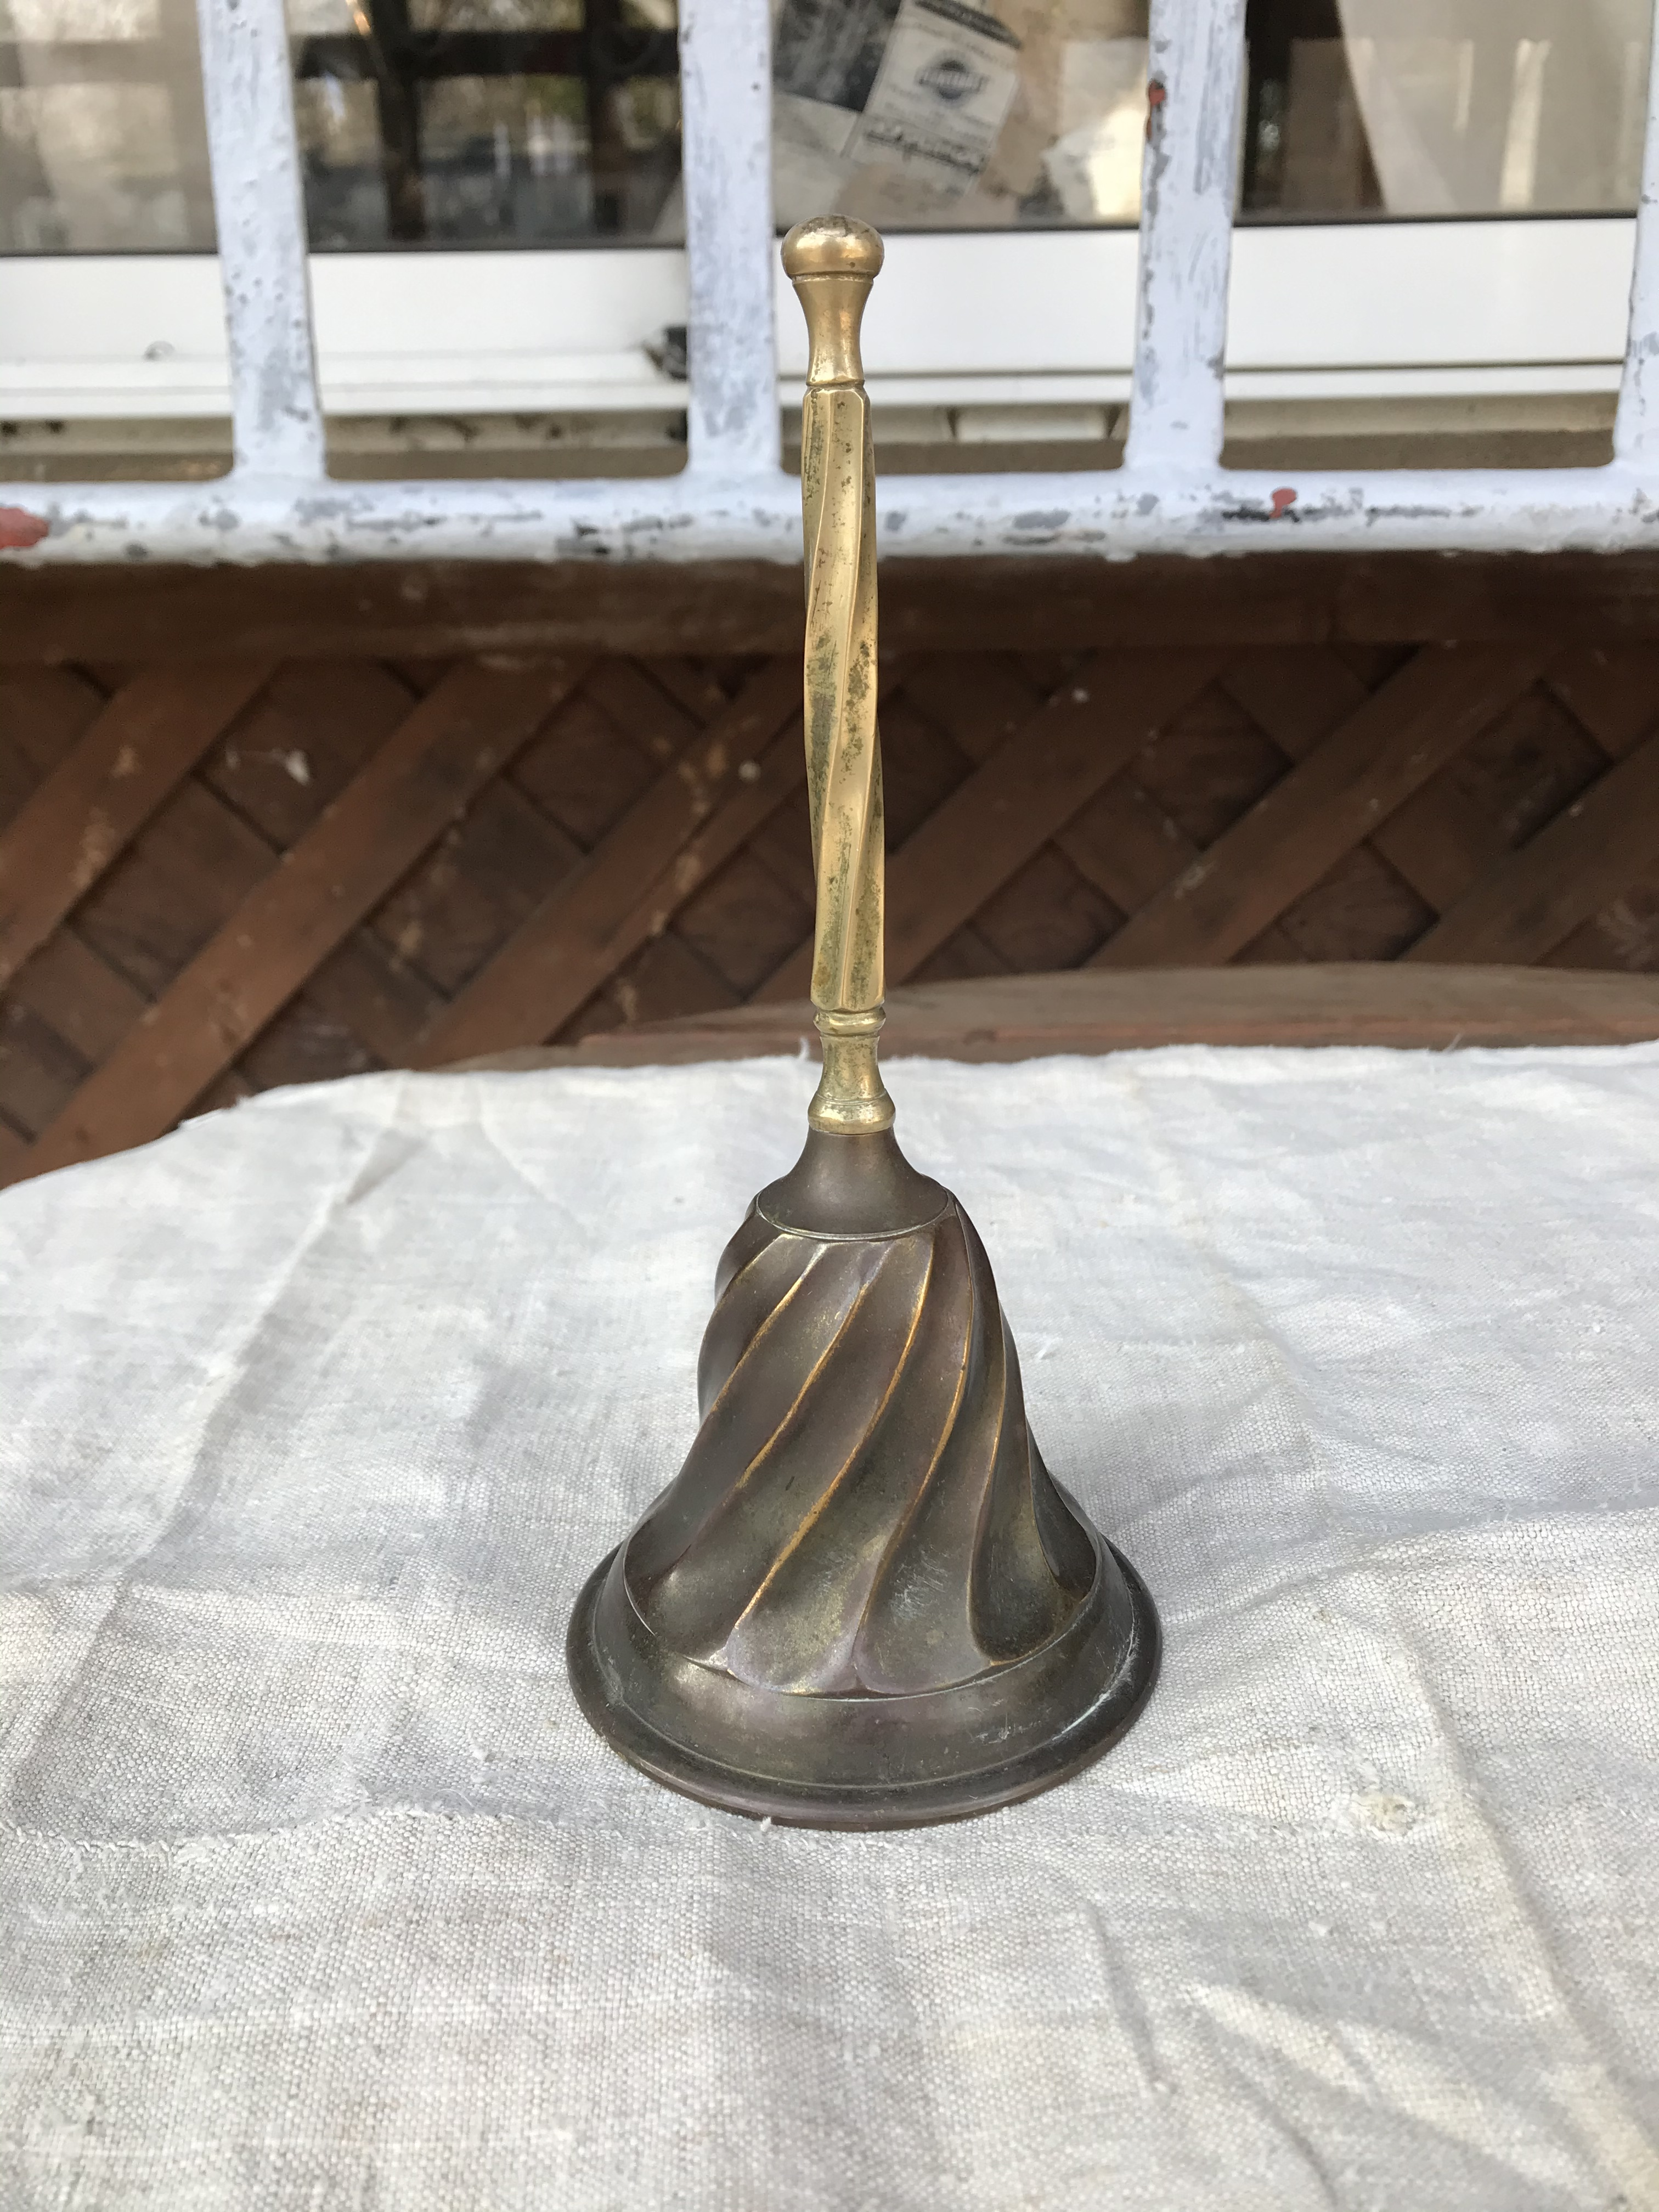 真鍮製の呼び鈴 ヨーロッパビンテージ